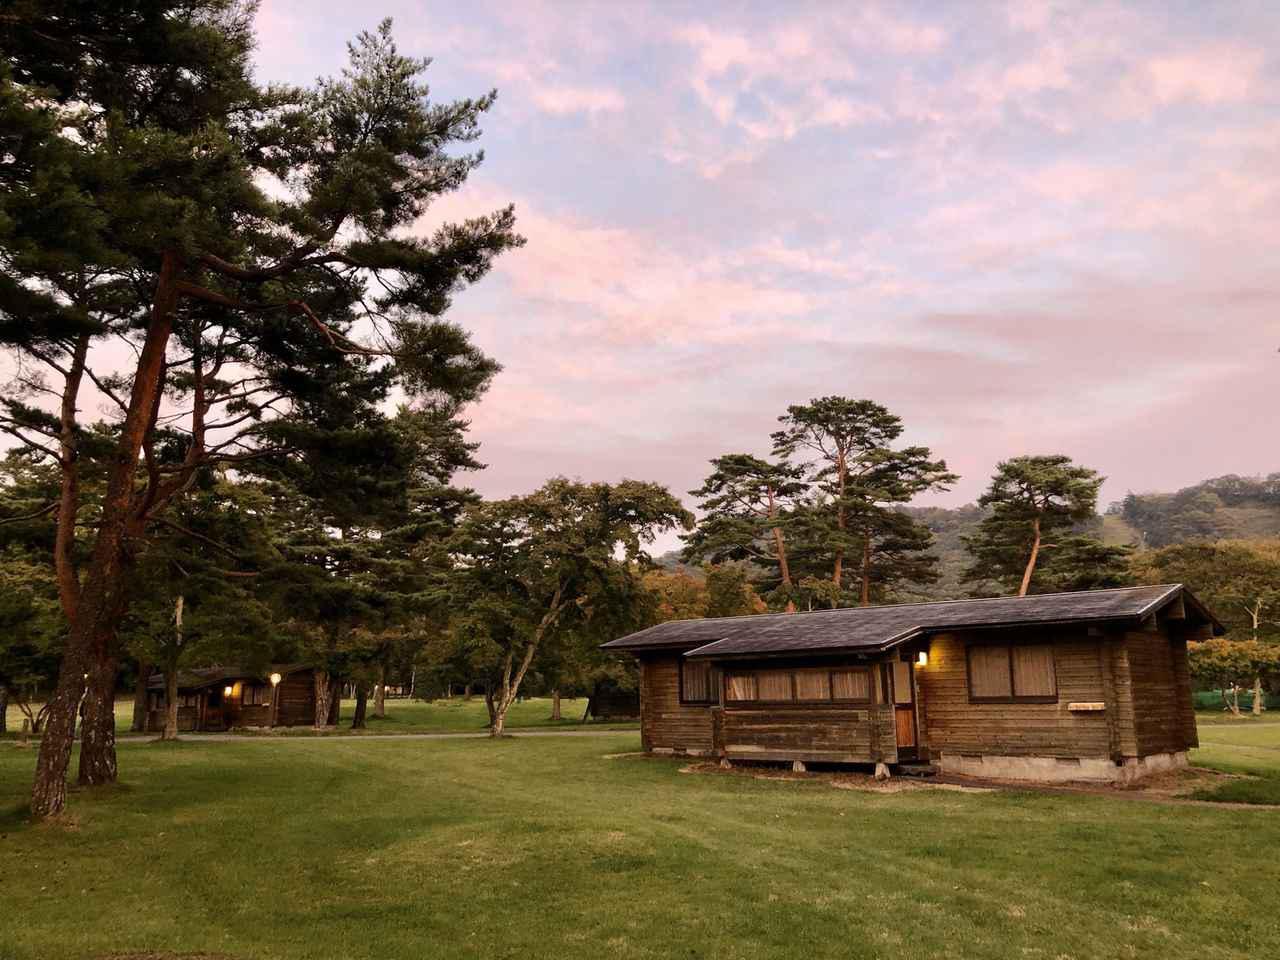 画像: 【初心者必見】雨でも安心!コテージのあるキャンプ場まとめ 〜中部・関西エリア〜 - ハピキャン(HAPPY CAMPER)